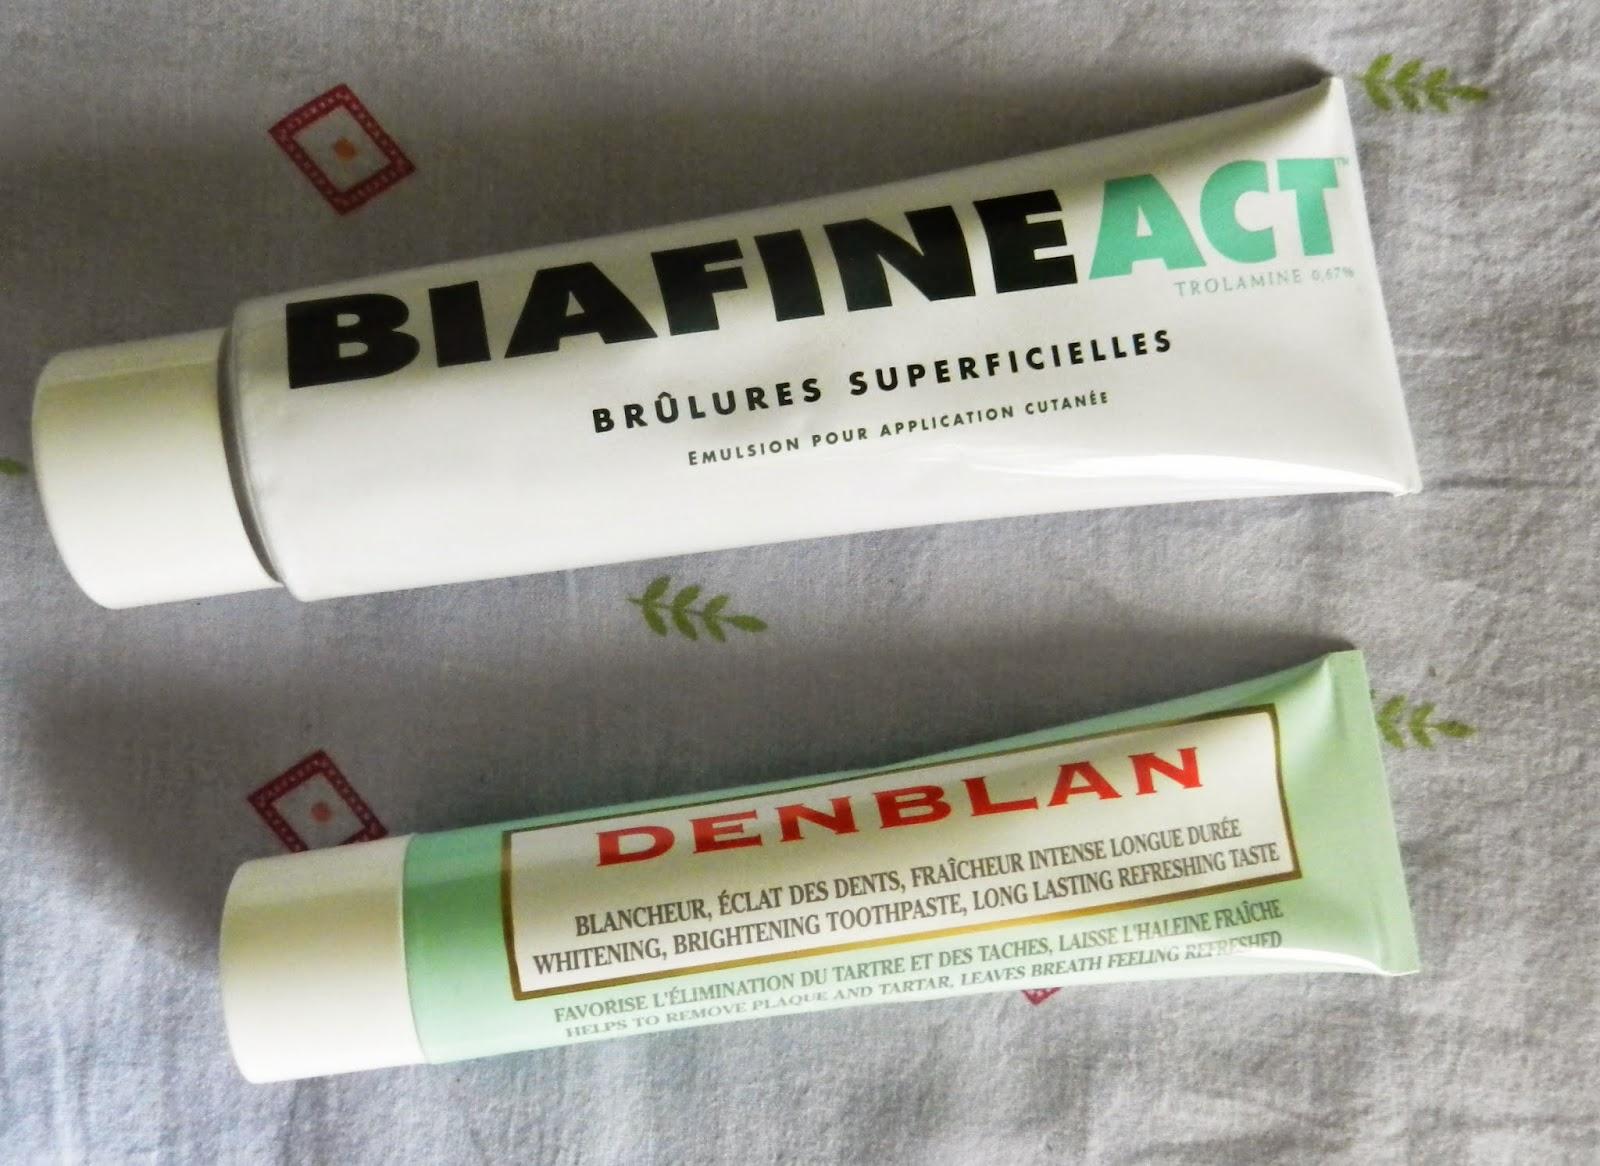 BiafineAct & Denblan whitening toothpaste